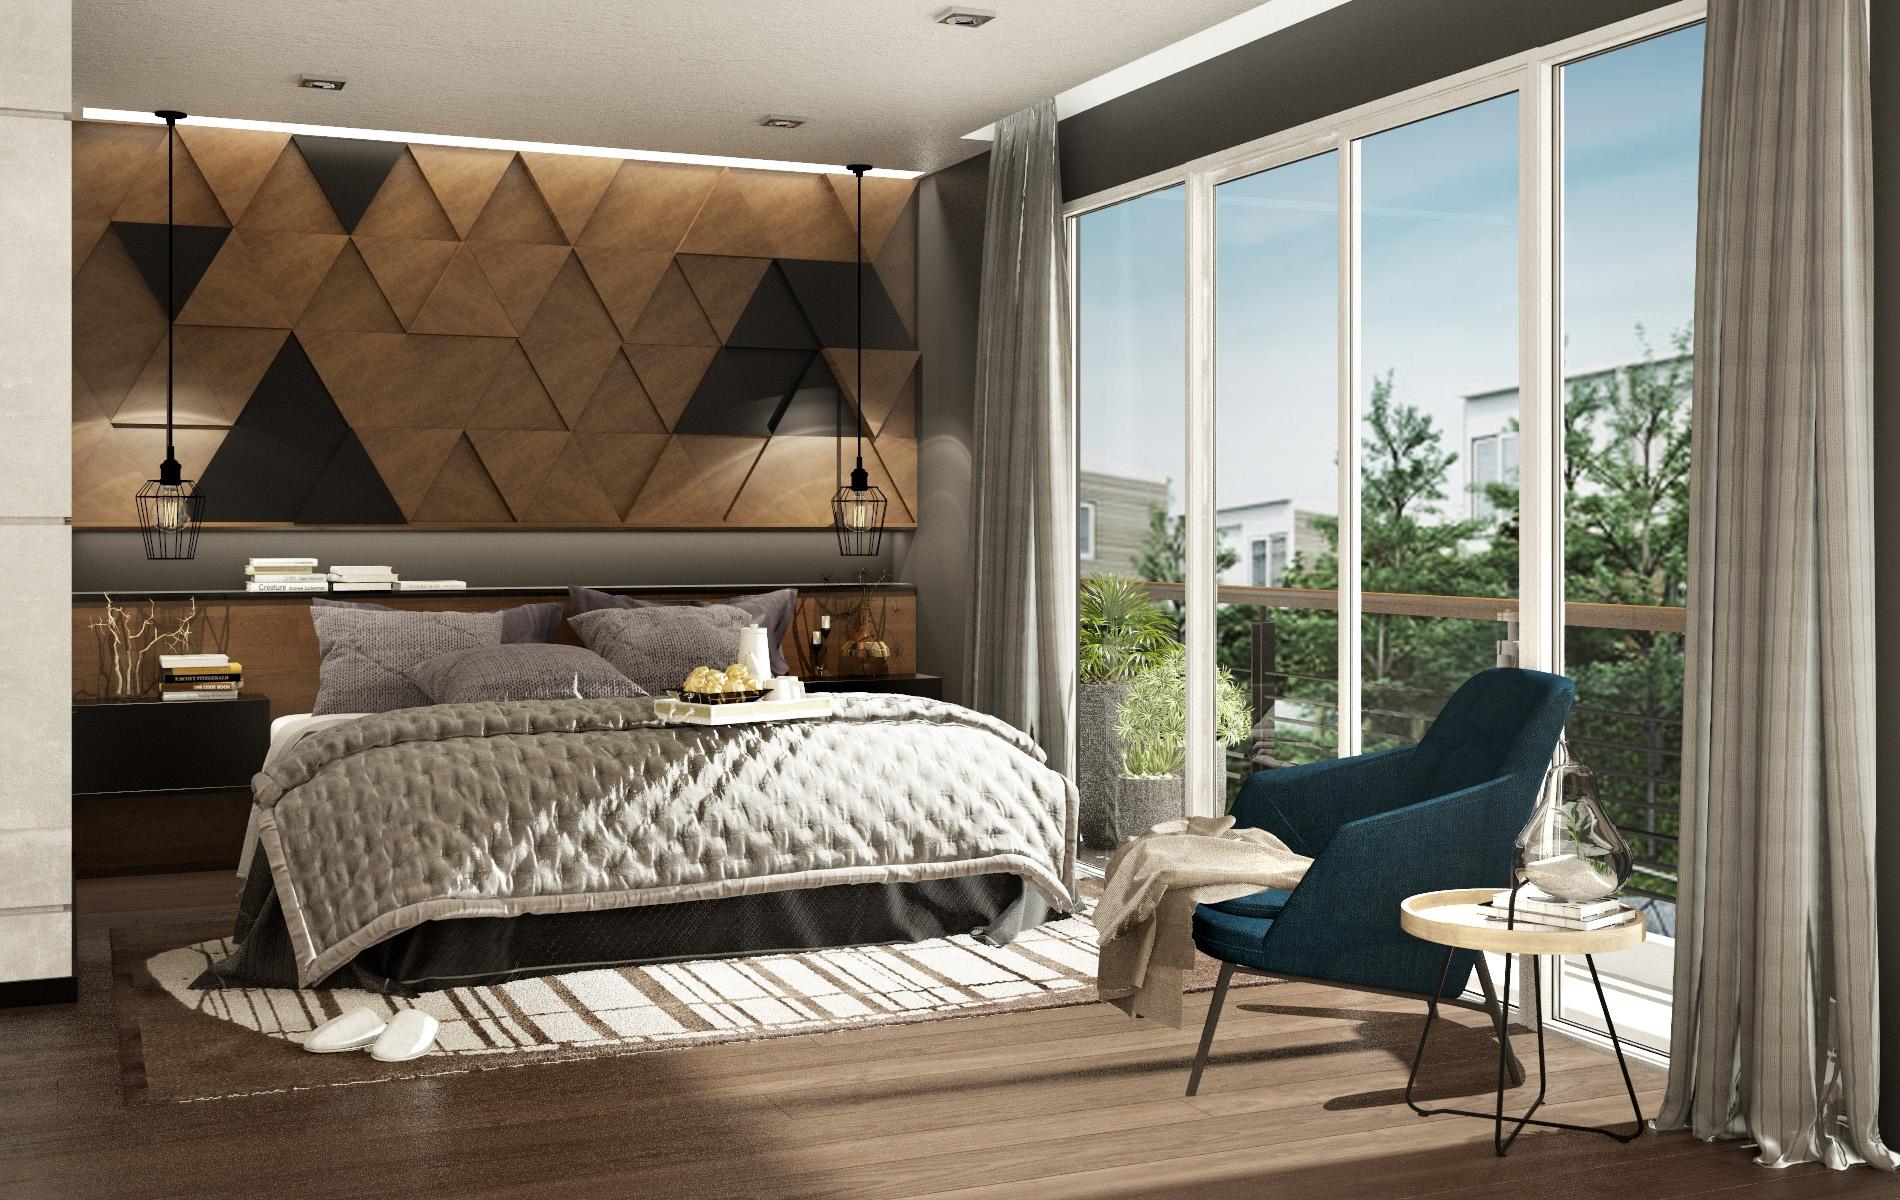 Bonanzabuilt-Portfolio-interior2-2